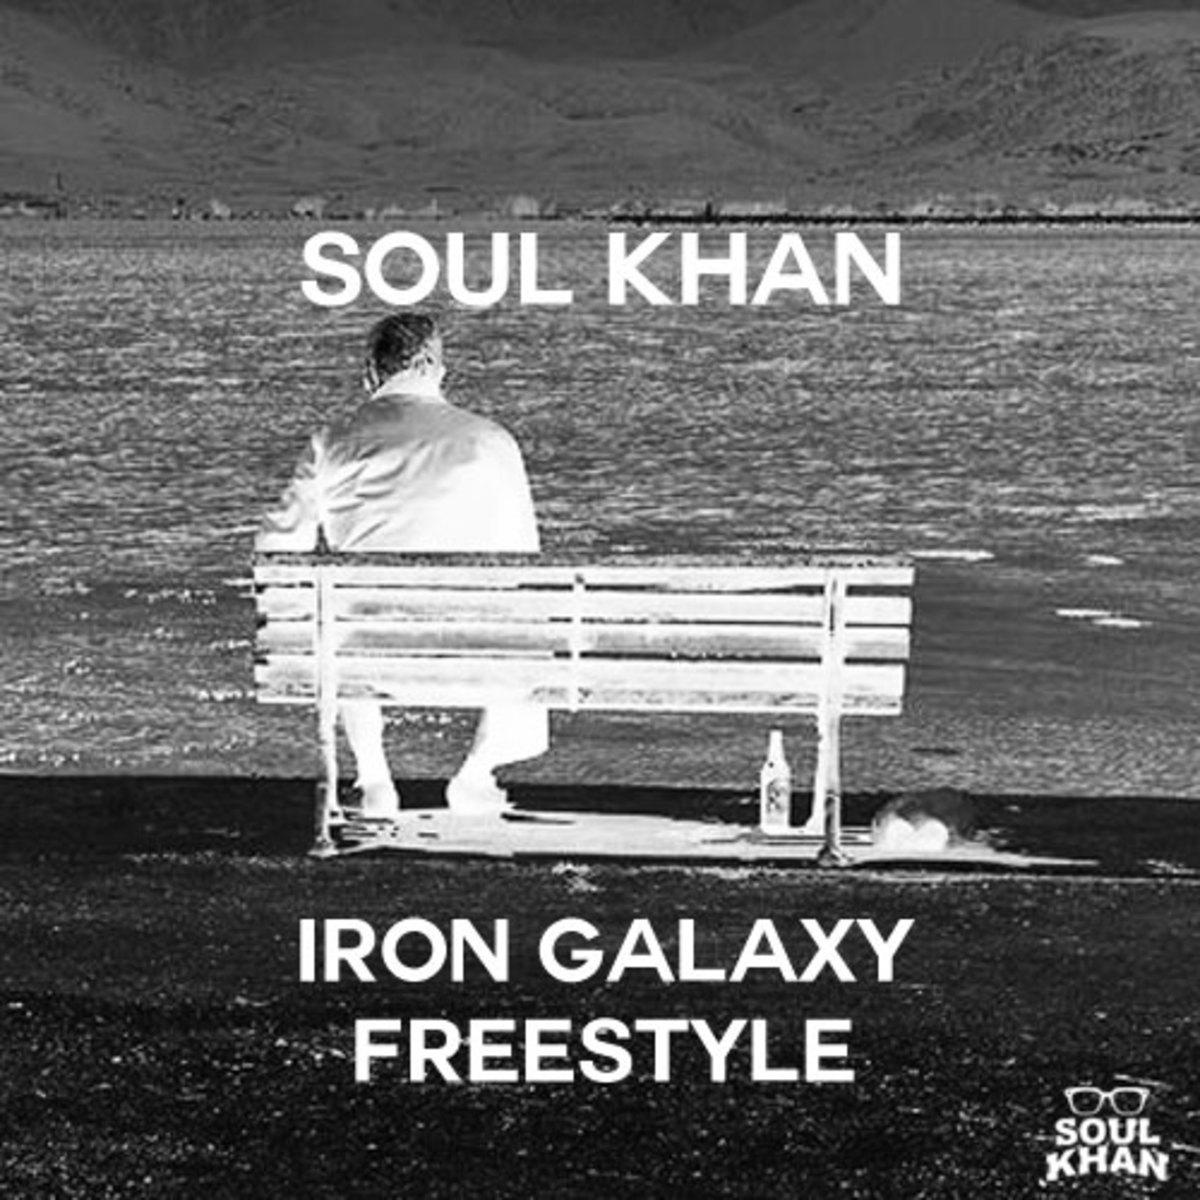 soulkhan-irongalaxyfree.jpg